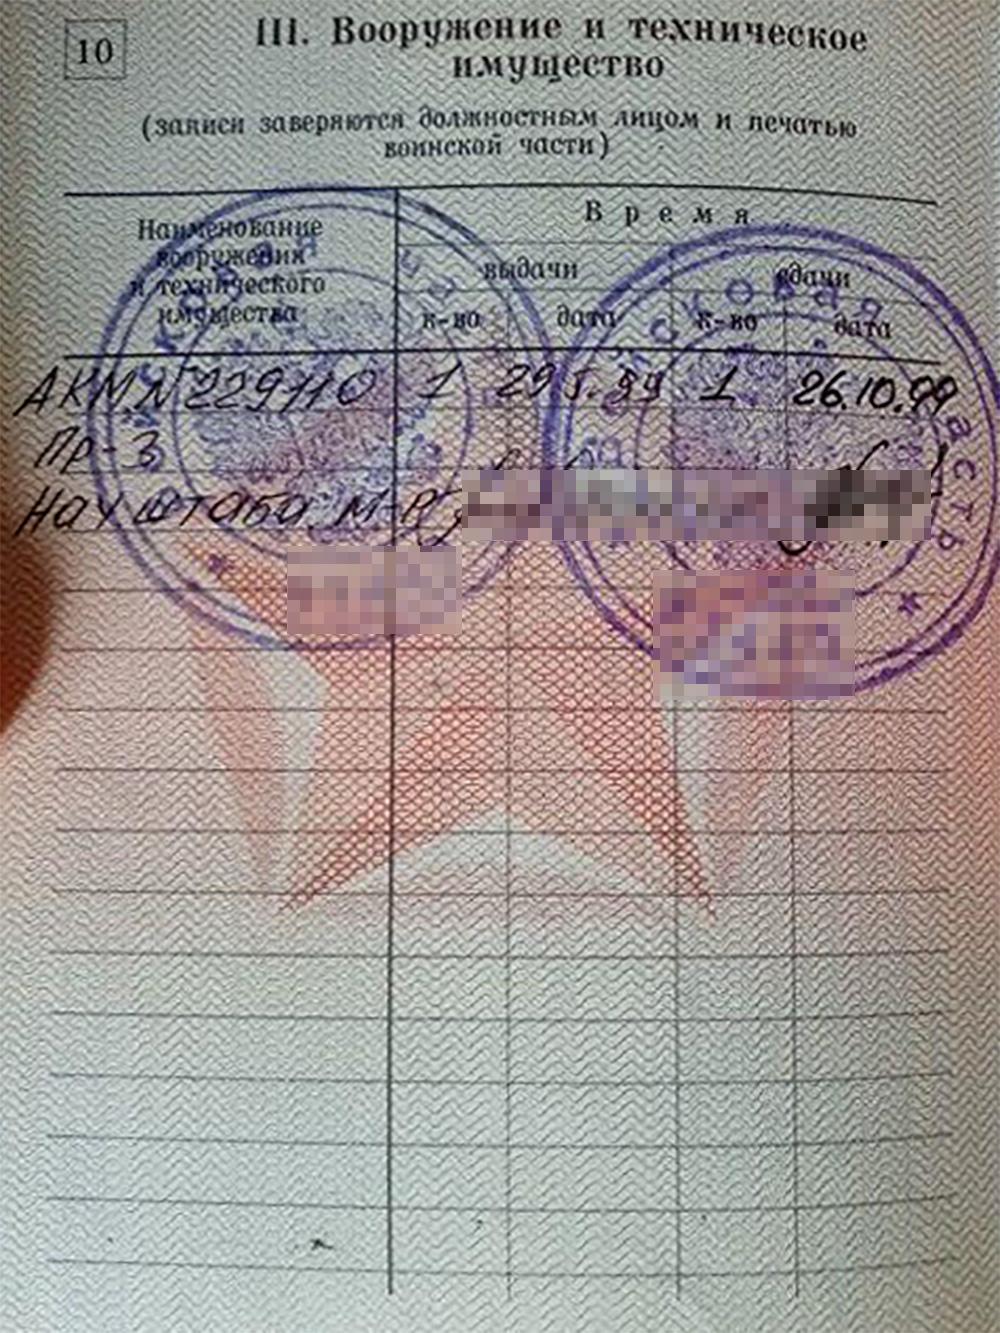 В моем военном билете указаны номер автомата, дата выдачи и сдачи. После того как автомат сдан — носить его на основании военного билета уже нельзя